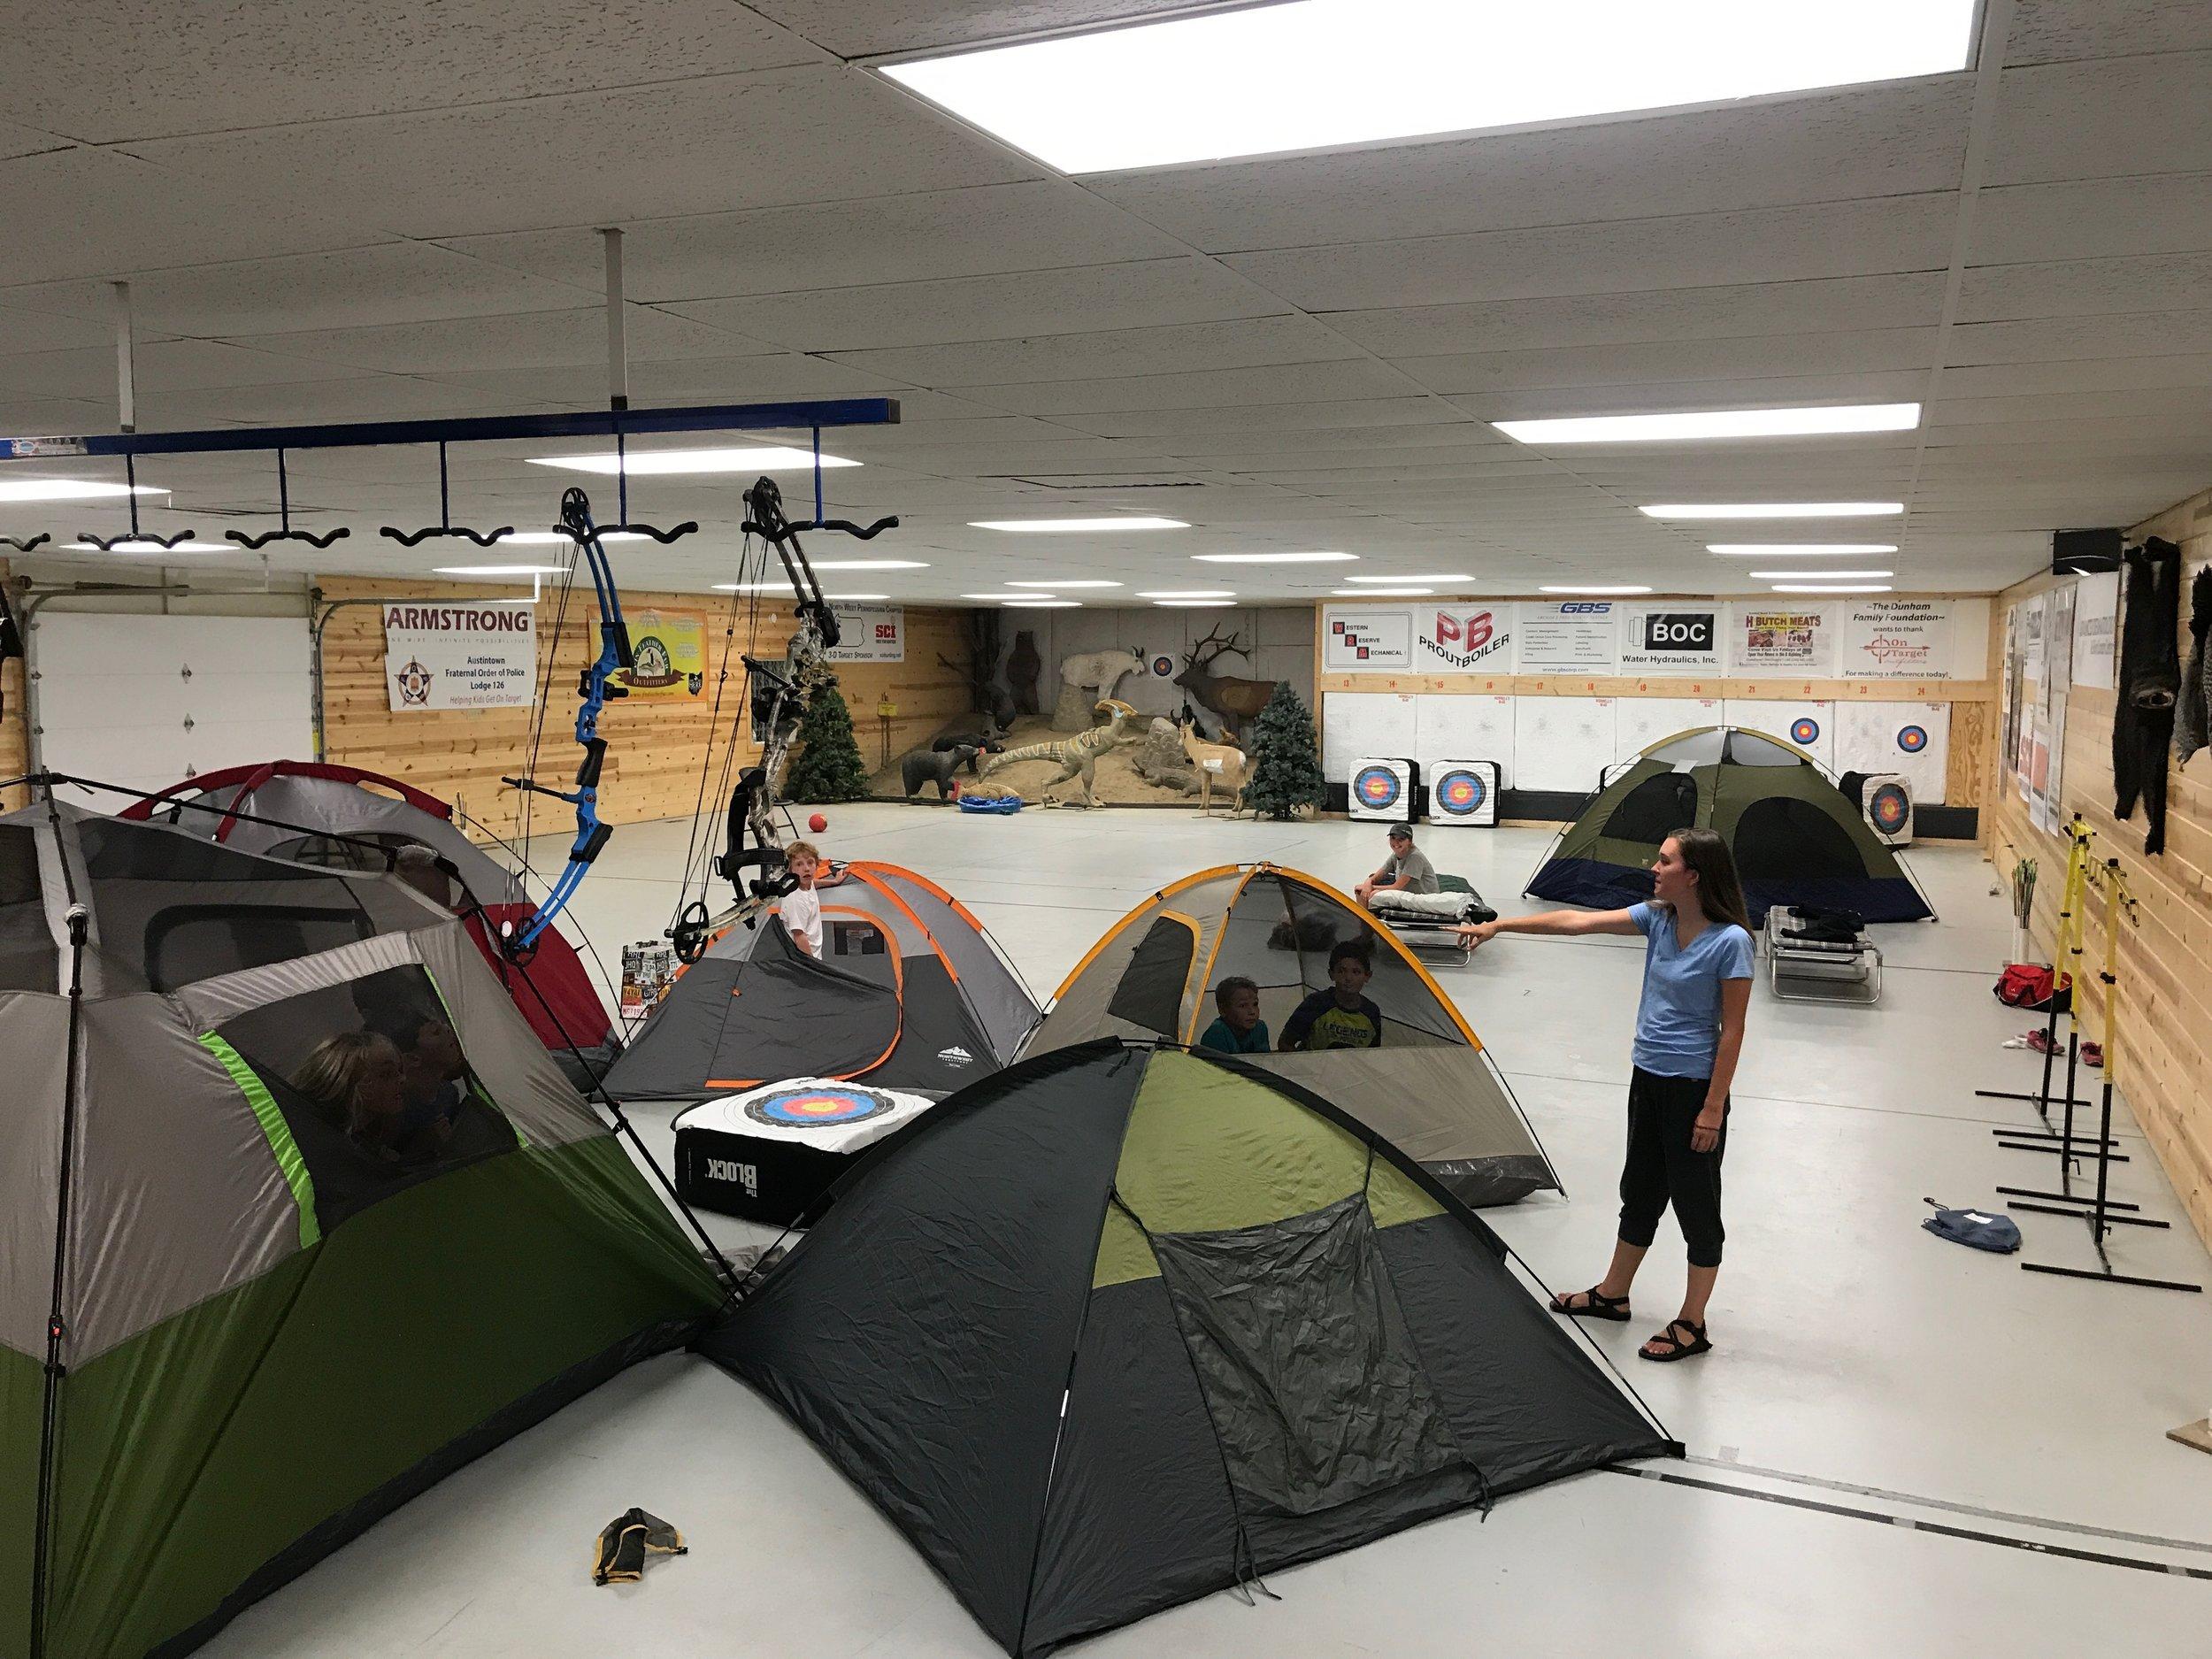 Camp-in!